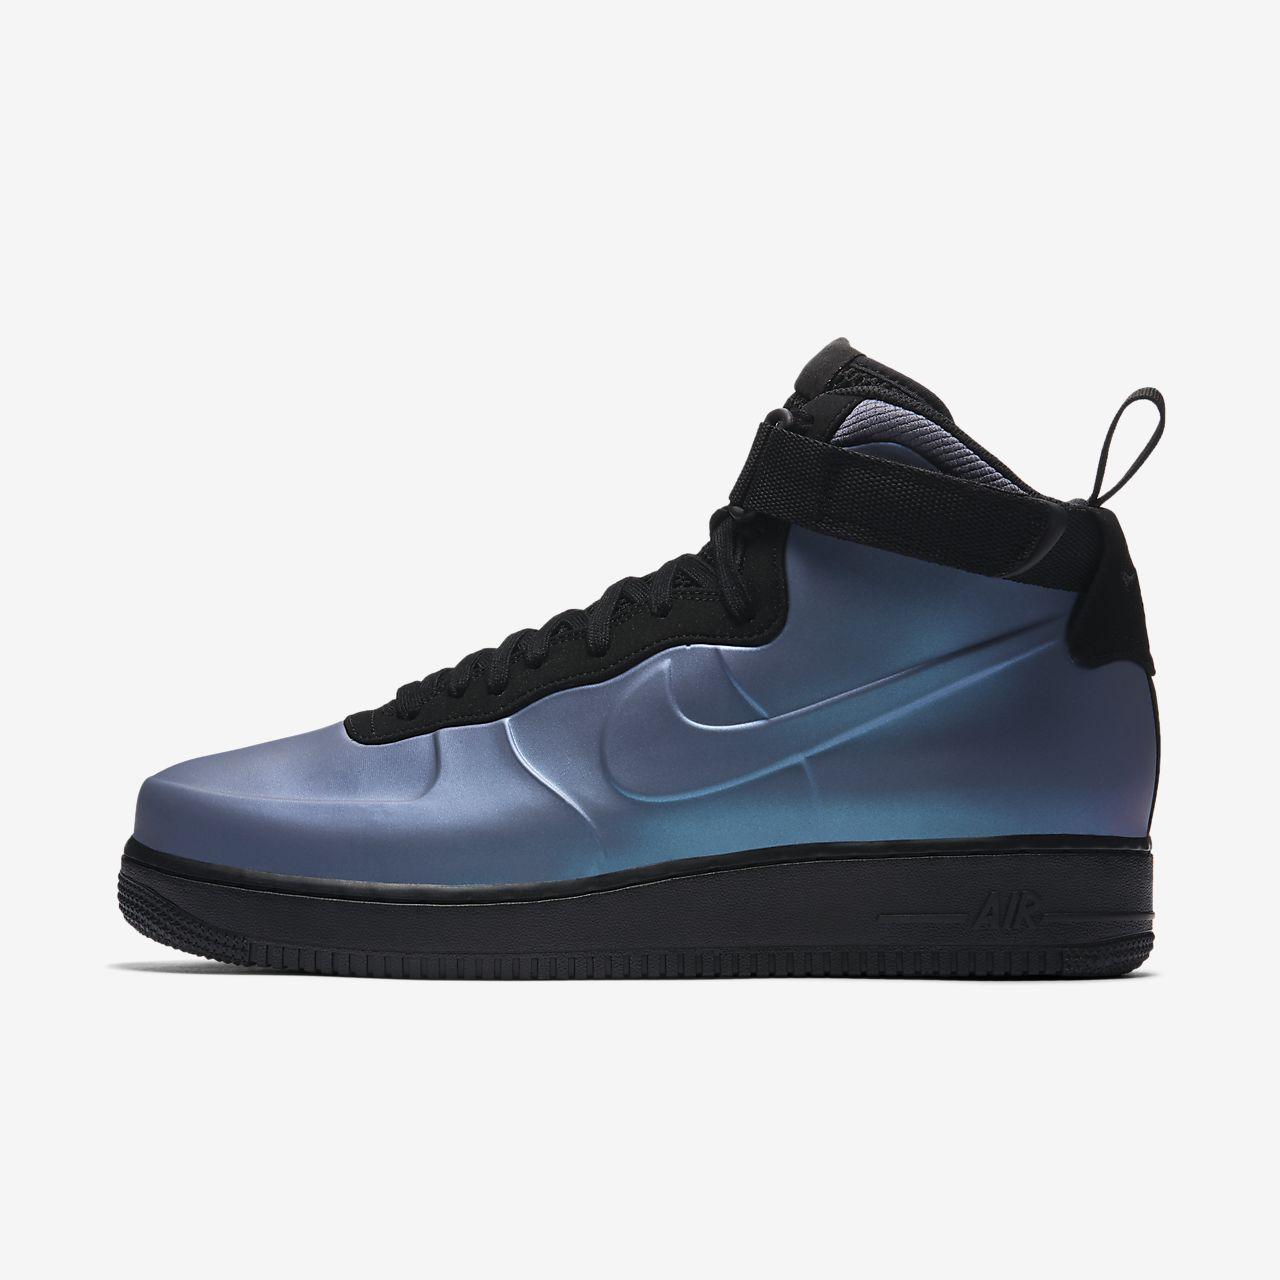 13ac4d474f0546 ... order nike air force 1 foamposite cupsole mens shoe 780da 0914e